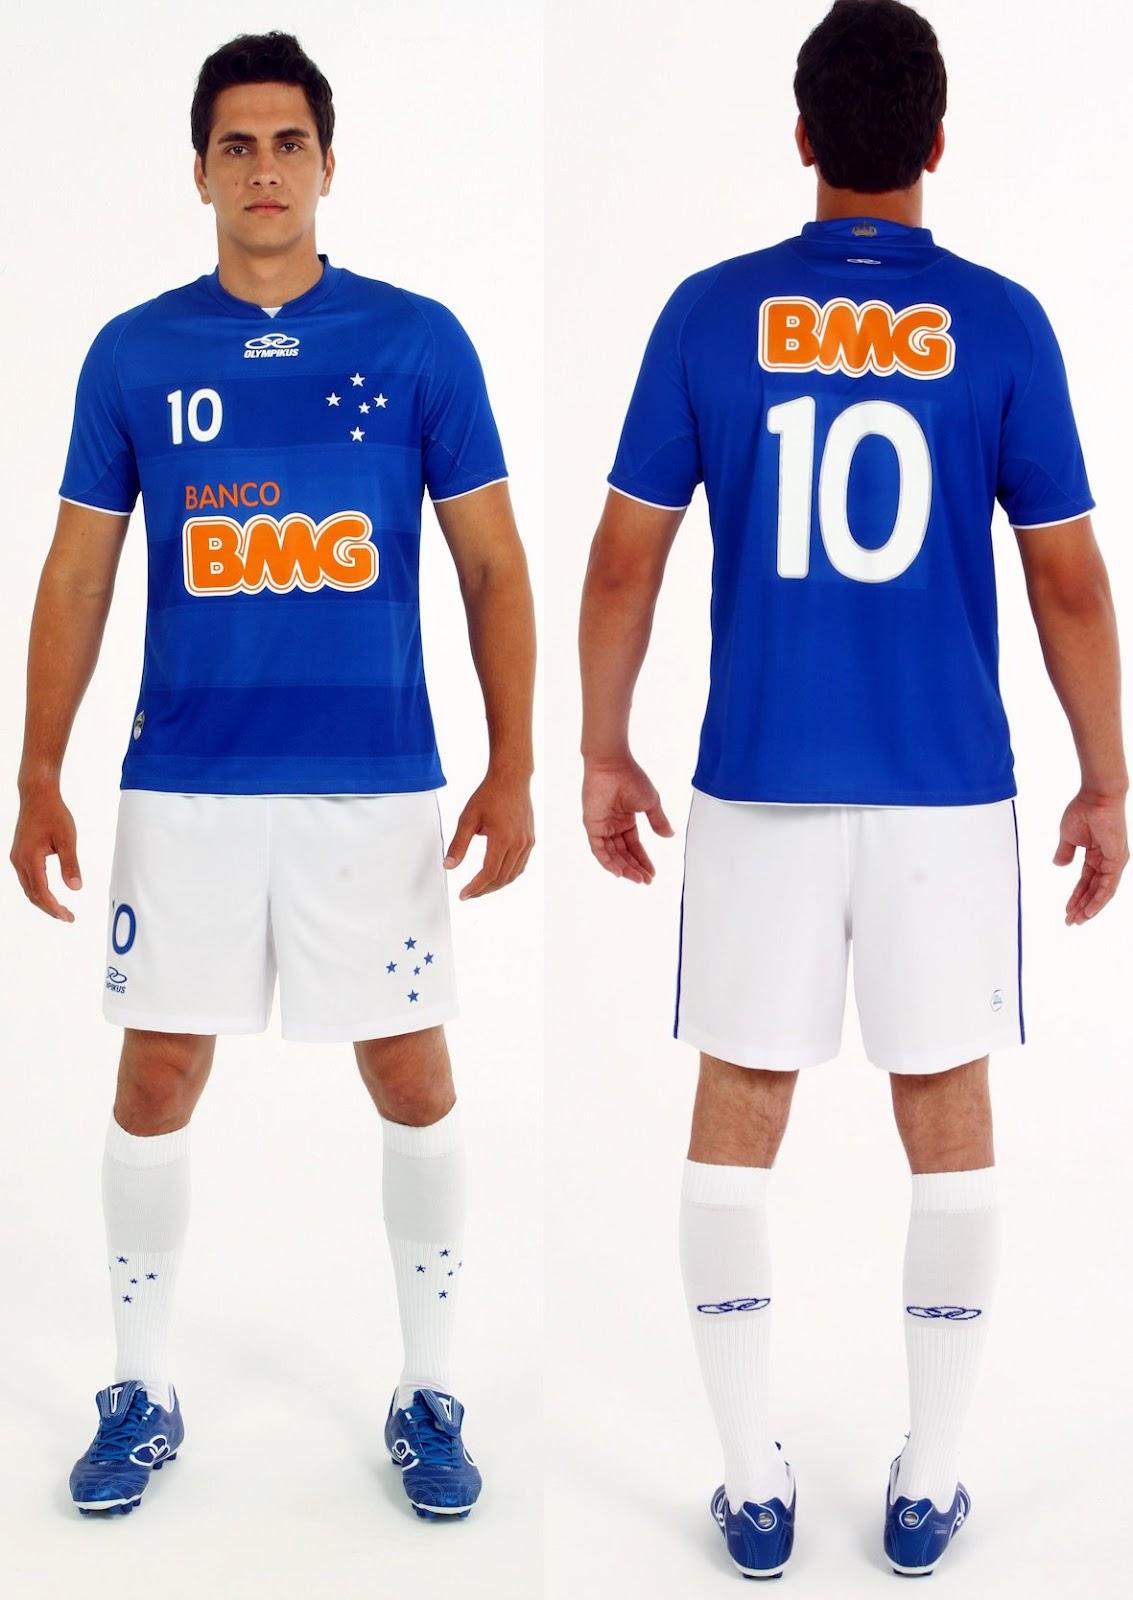 5487e45da0 Cruzeiro lança novos uniformes para temporada 2012 - Show de Camisas